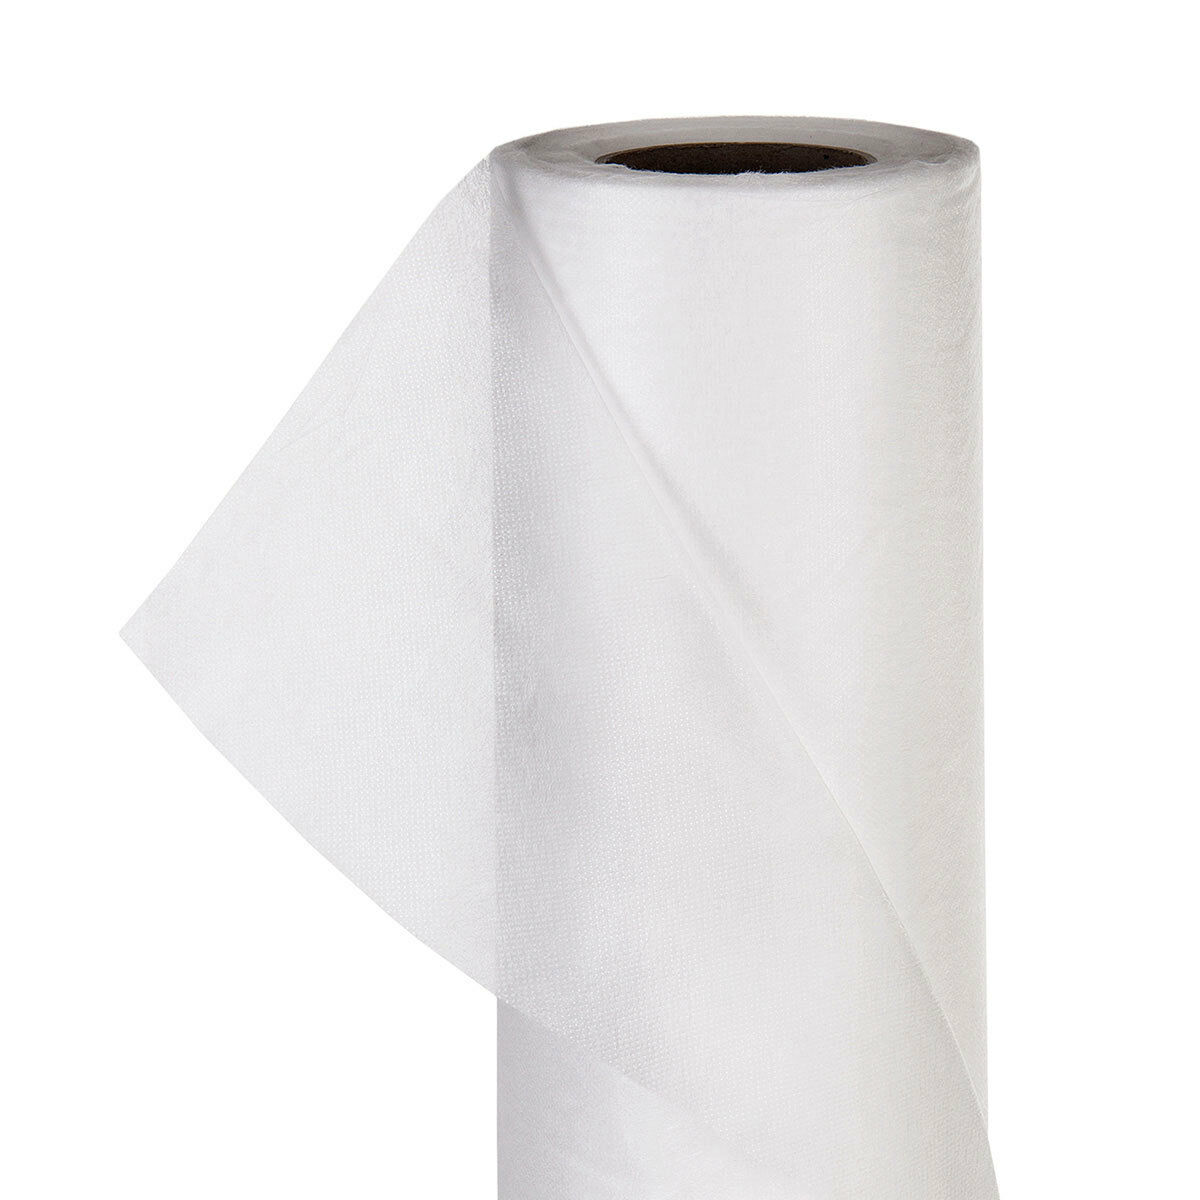 Tessuto di forzatura primizie Tessuto giardino tessuto non tessuto antigelo 30g 3,2 x 37,5m